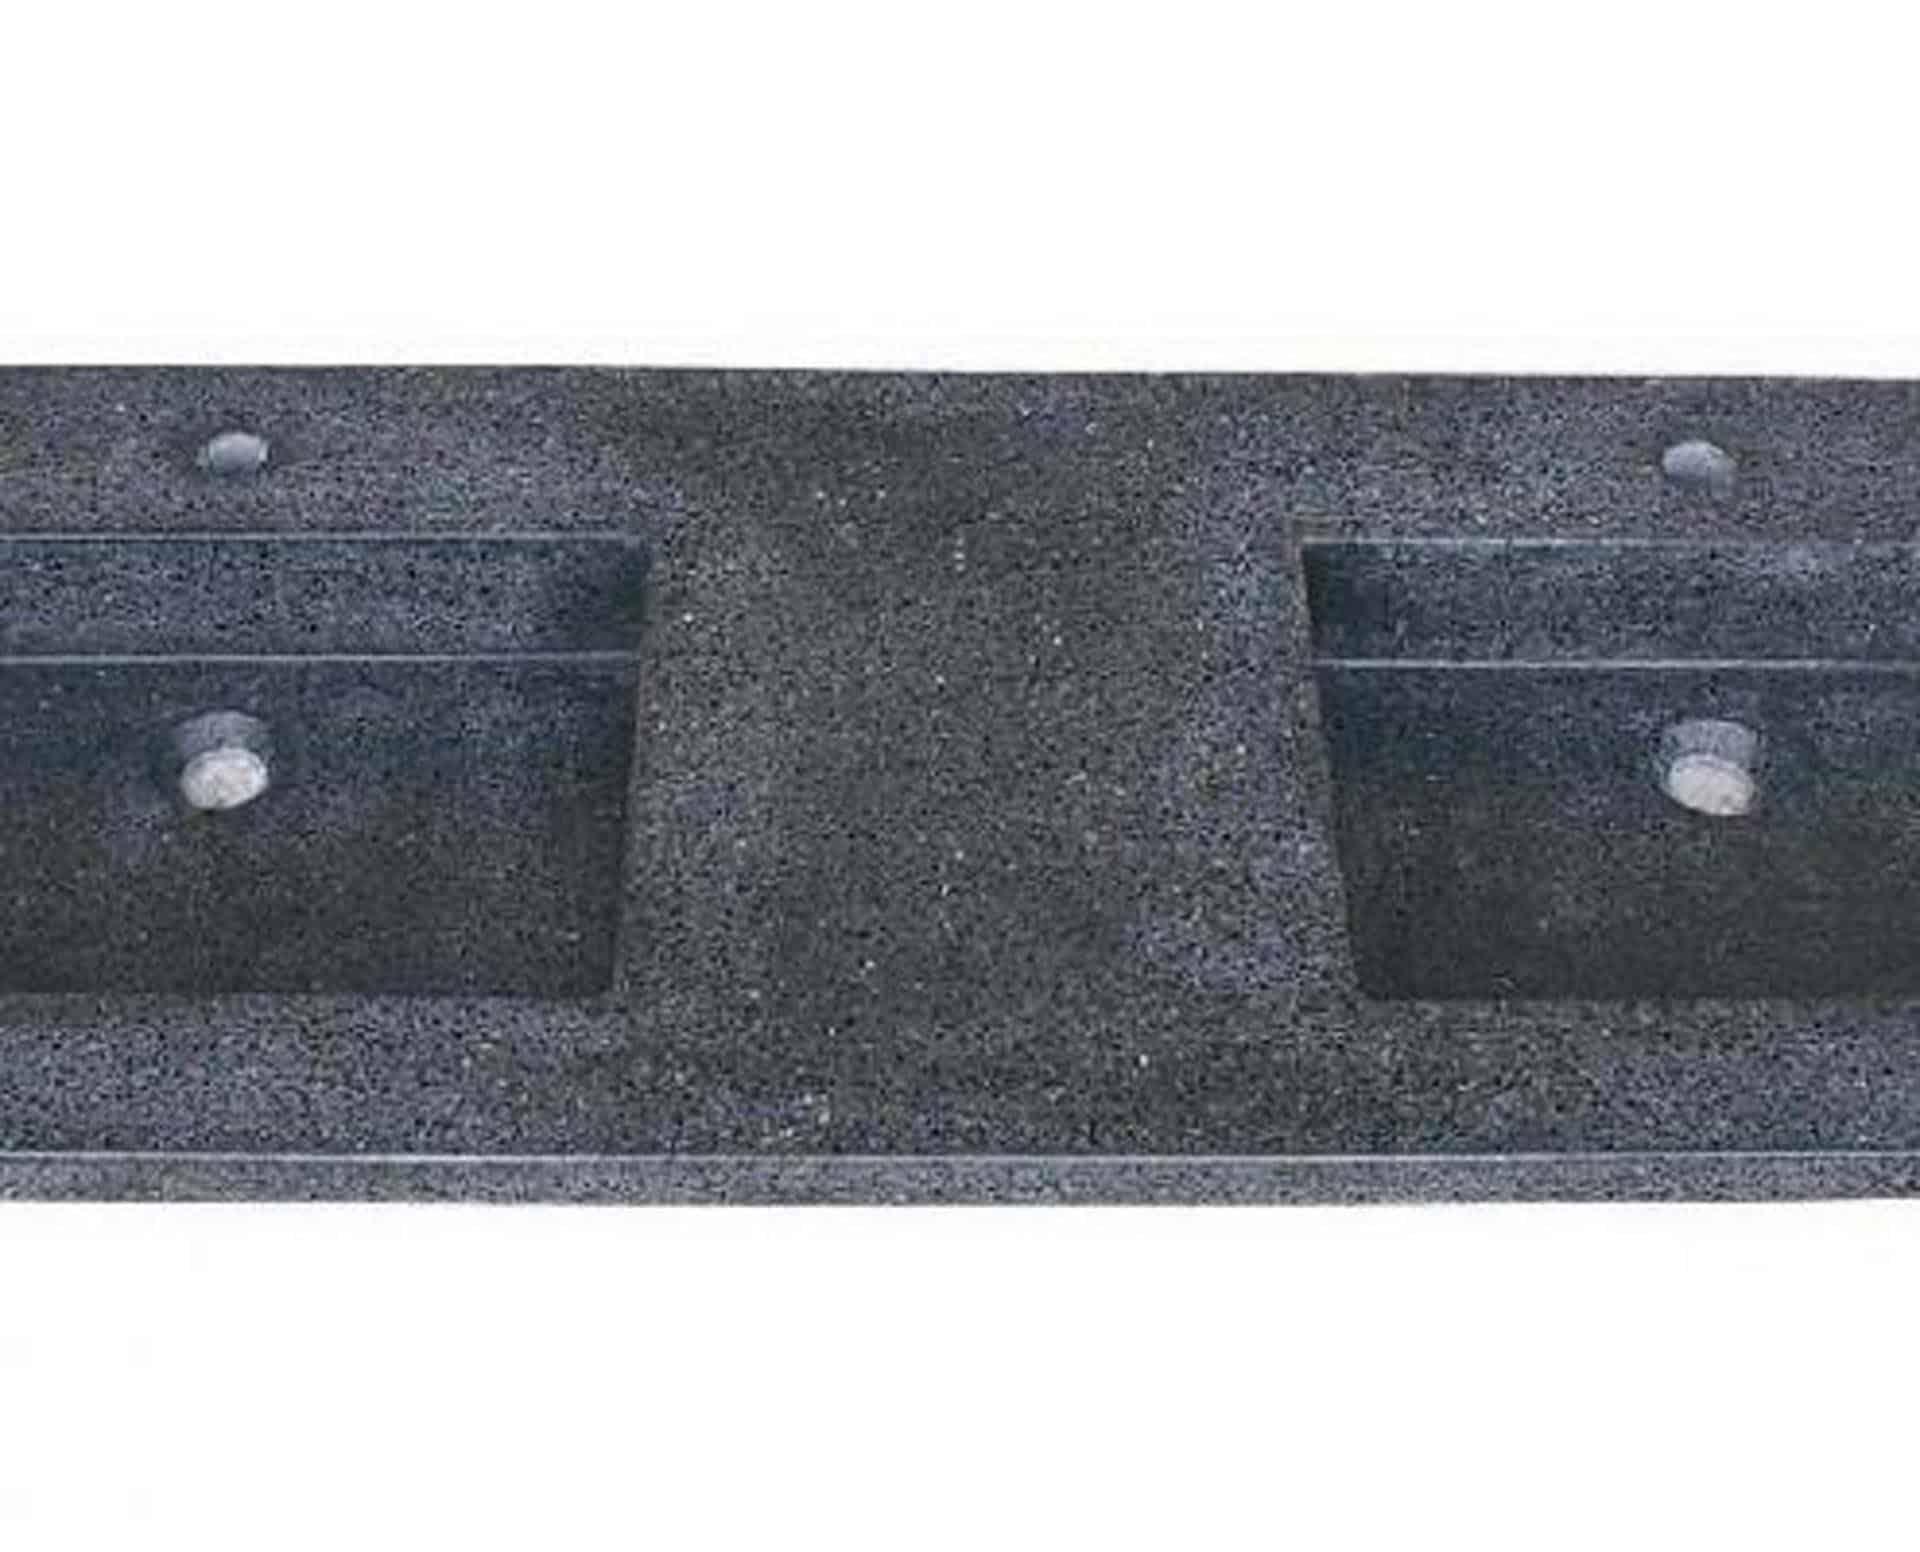 Lækker gnistret terrazzo håndvask, med pæne afrundinger. Farven er koksgrå med sorte og mørke sten - et råt look med en flot finish. Vasken har målene: 163,2 x 54,5 x 4 cm. Materialet er en blanding af cement og de små natursten der giver vasken sin flotte gnistrede finish. Vasken kan bruges som fritstående vask - da vasken er flad i bunden er den velegnet til at placere direkte på en bordplade. Vasken er hensynsmæssigt designet med fine rundinger, som både giver vasken et eksklusivt udtryk og gør den rengøringsvenlig. Vasken vedligeholdes med voks - vi anbefaler en behandling med vores egen naturvoks ID12002 et par gange om året for at opnå optimalt look.